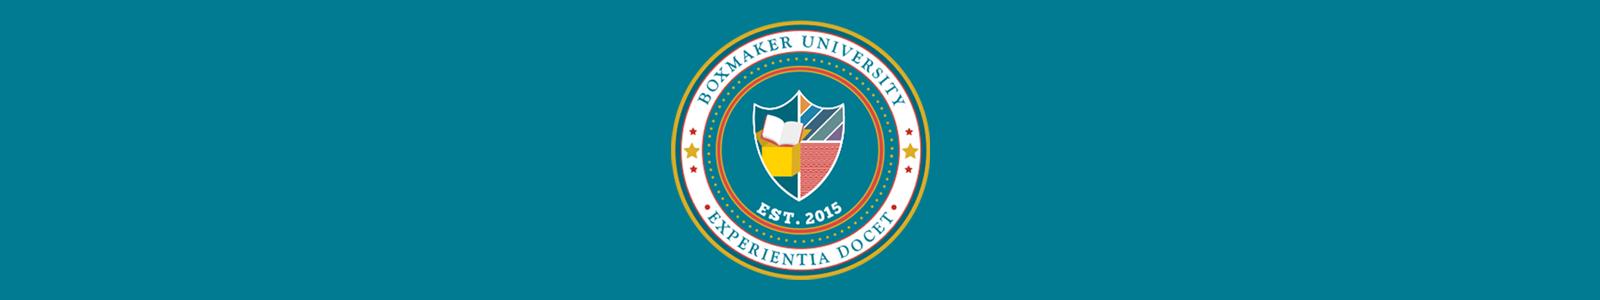 BoxMaker University